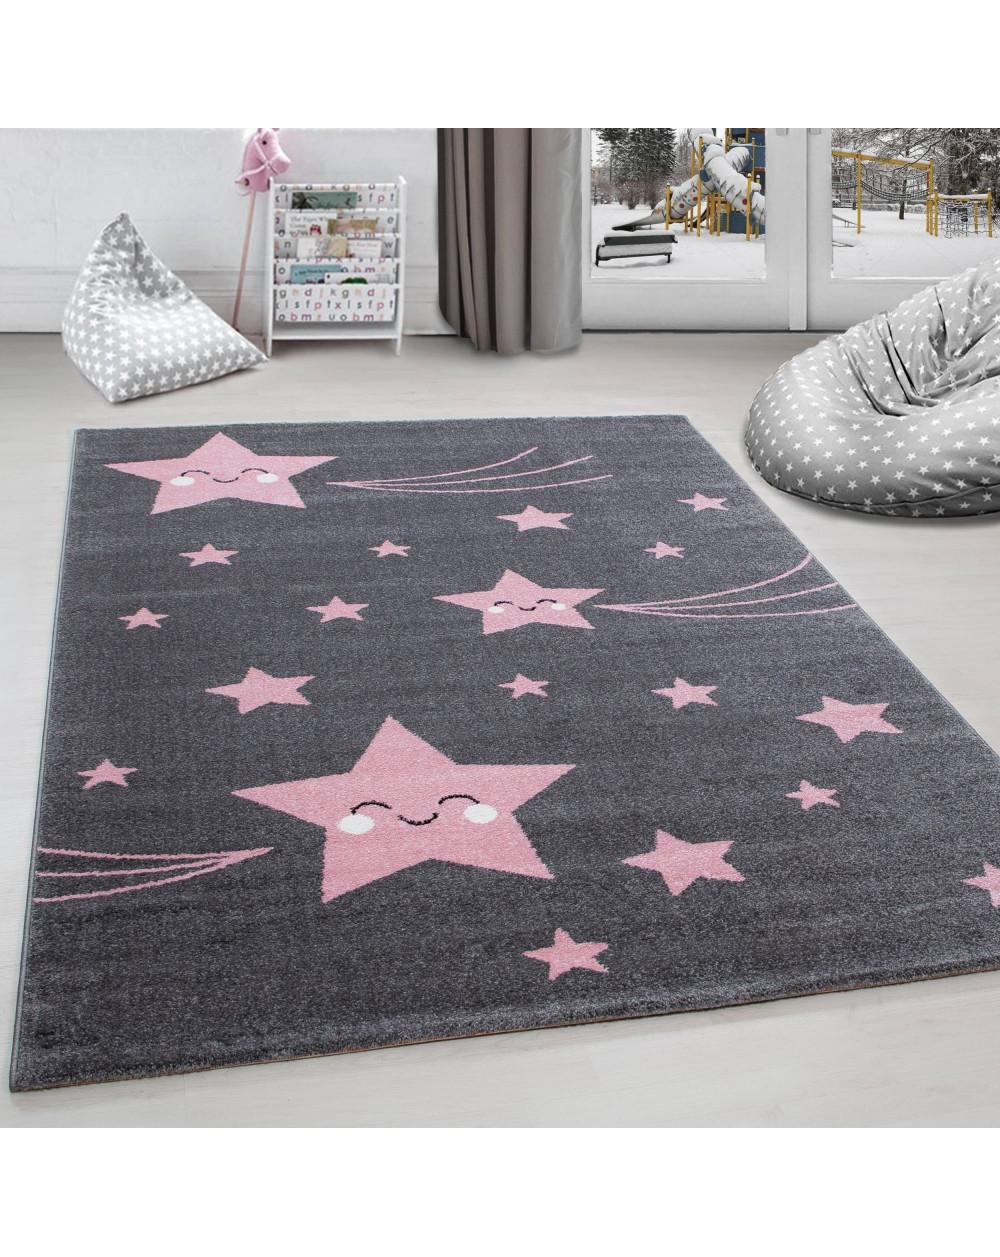 Kinderteppich Spielteppich Kinderzimmer Teppich Stern pink creme